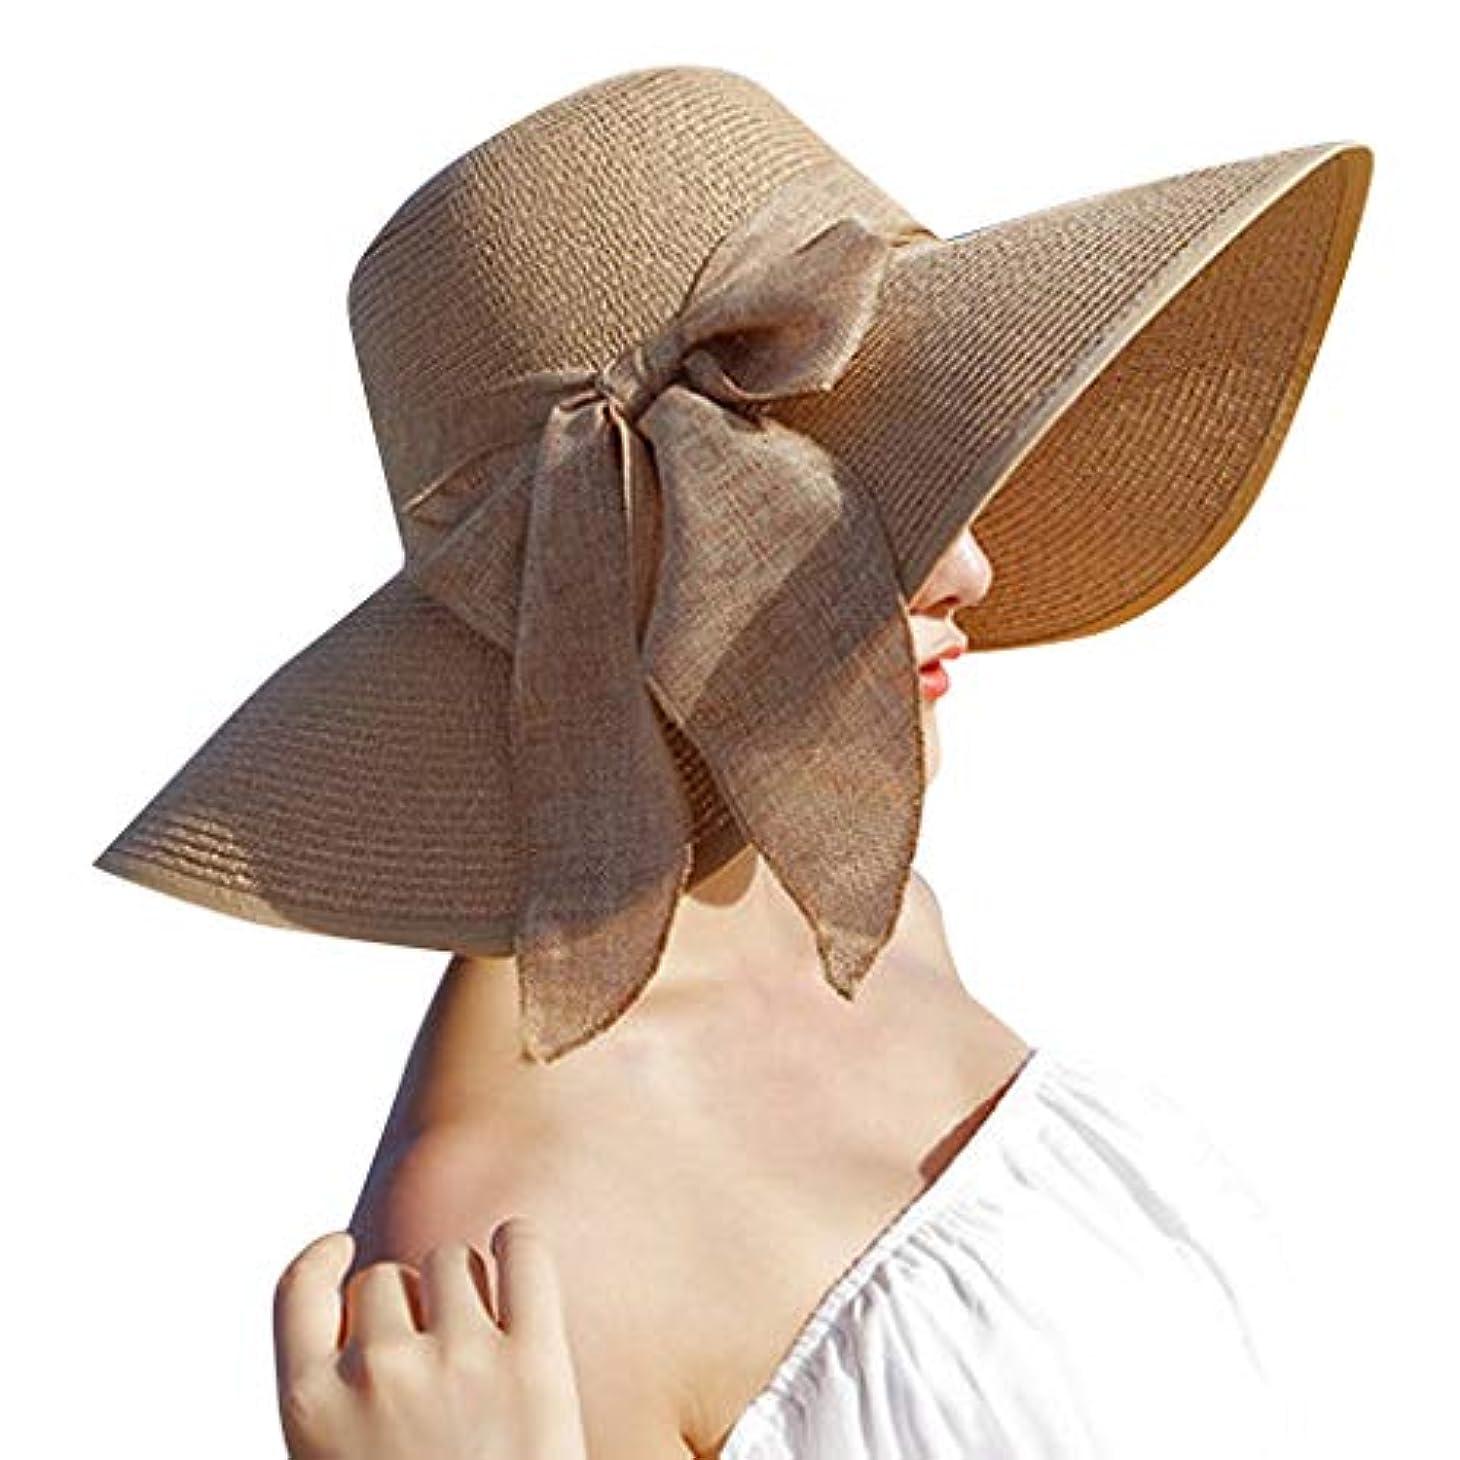 海峡ひも銛積分日除け帽子 ハット レディース ビッグバイザー 日よけ 夏季 日焼け 折りたたみ つば広 紫外線100%カット UV ハット 可愛い 顔効果抜群 サンバイザー 小顔効果 春夏 お出かけ用 ビーチハット 海辺 ROSE ROMAN